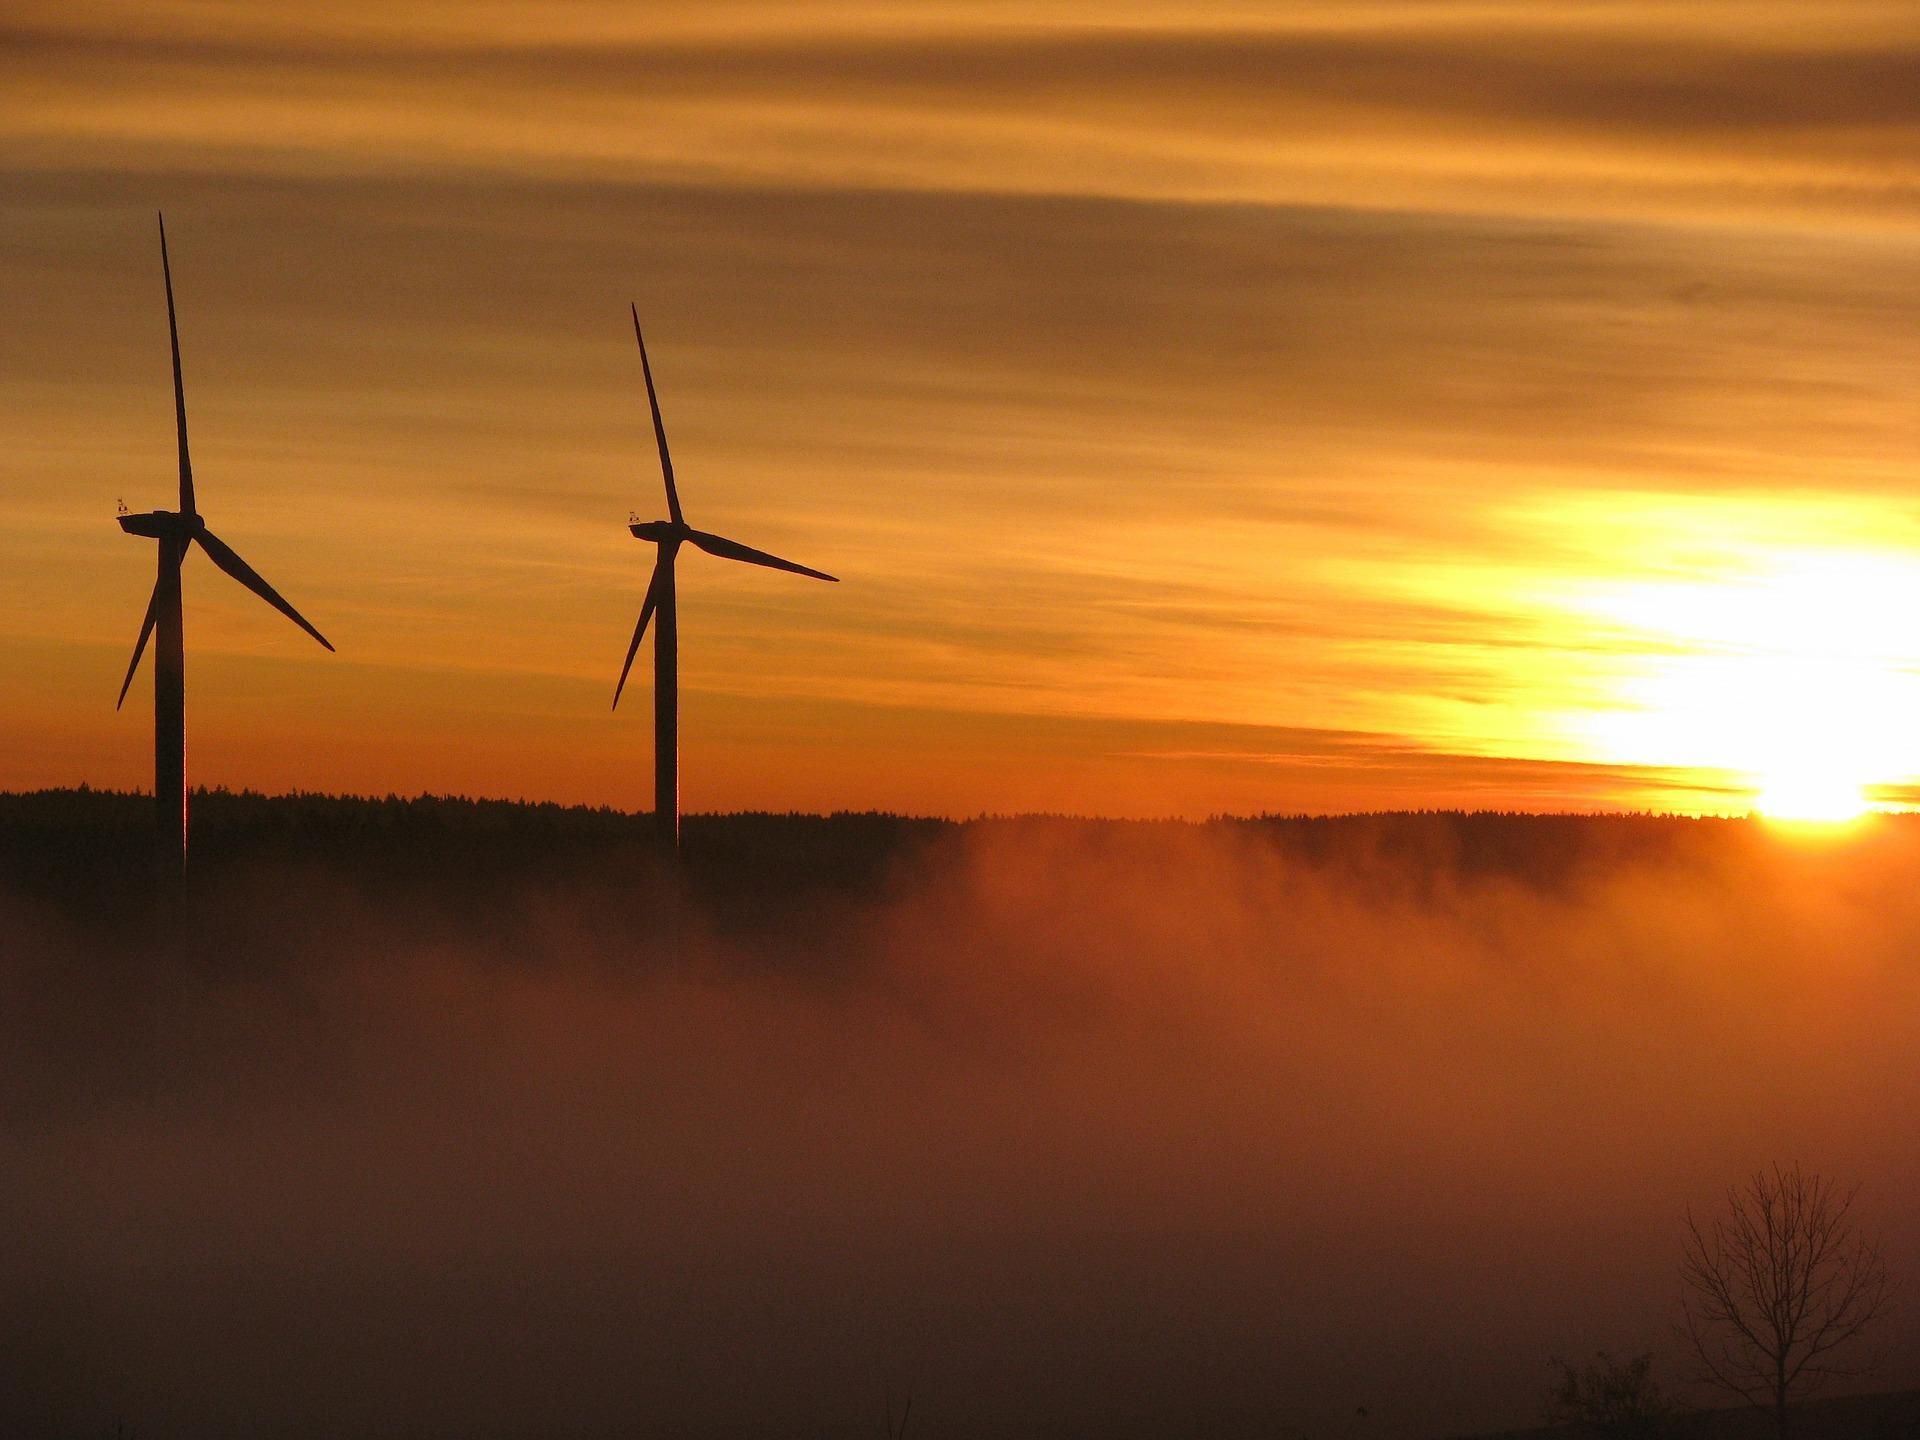 Wirksamer Ausschluss weiterer Windenergienutzung